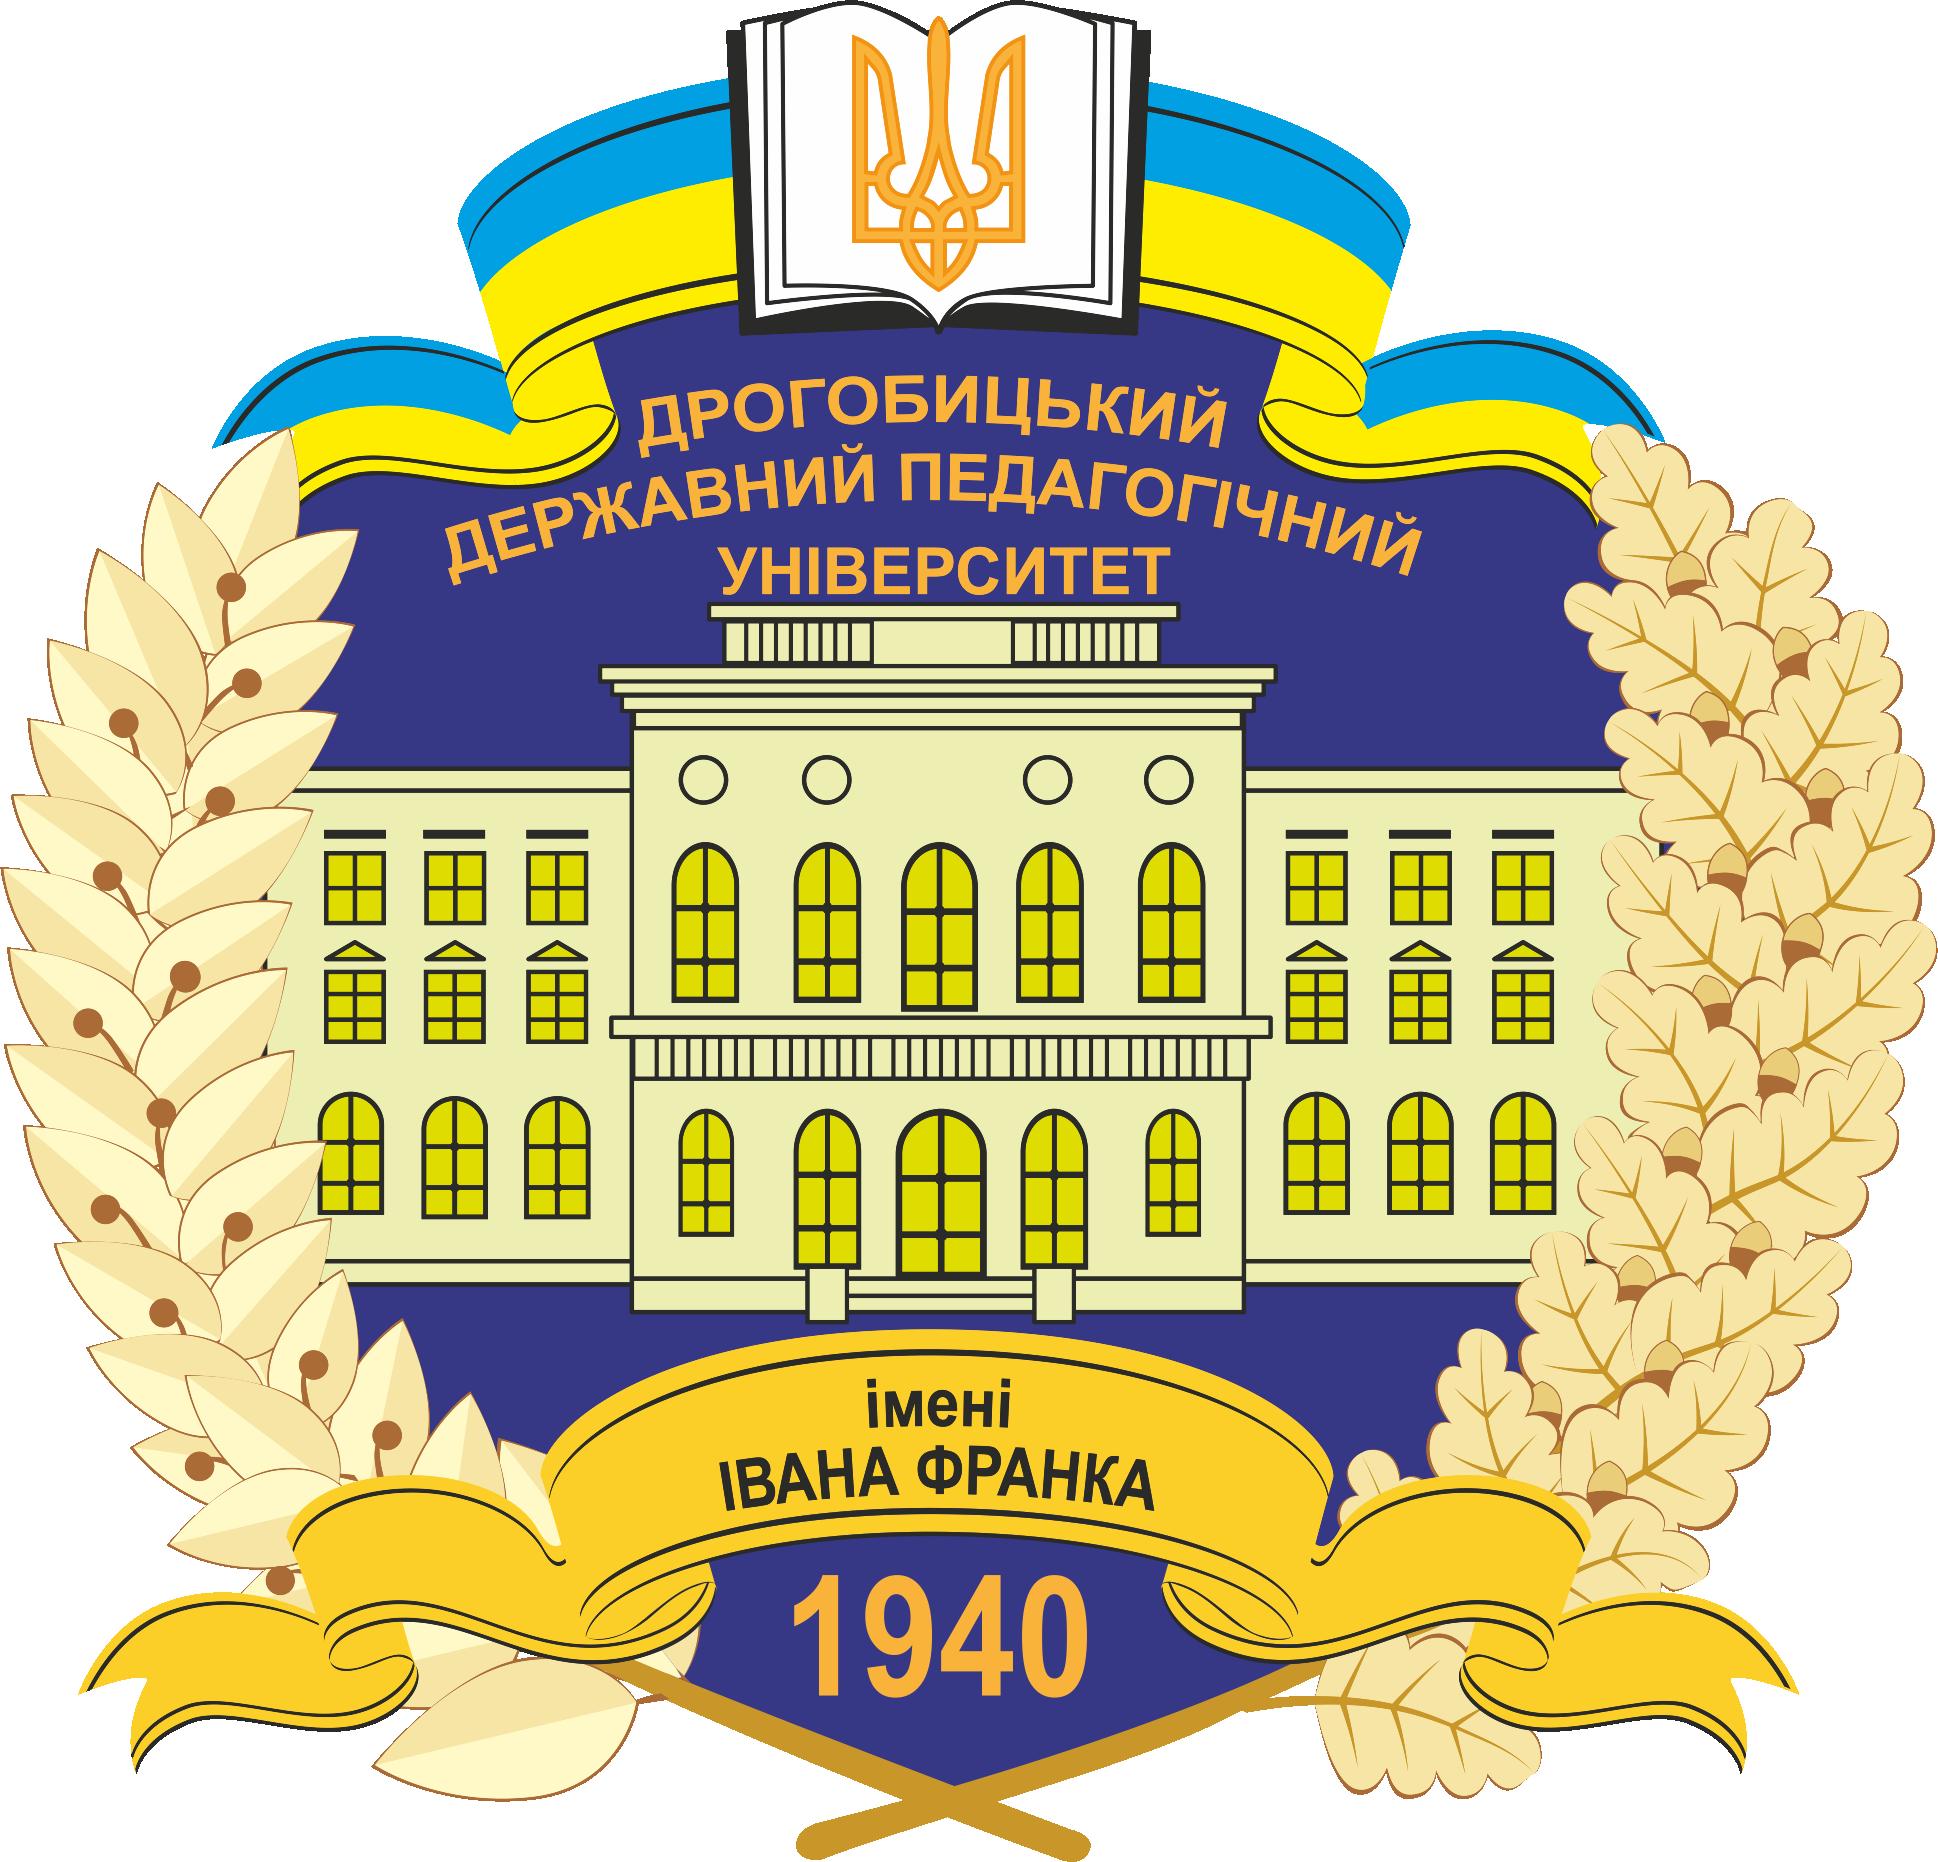 Герб ДДПУ